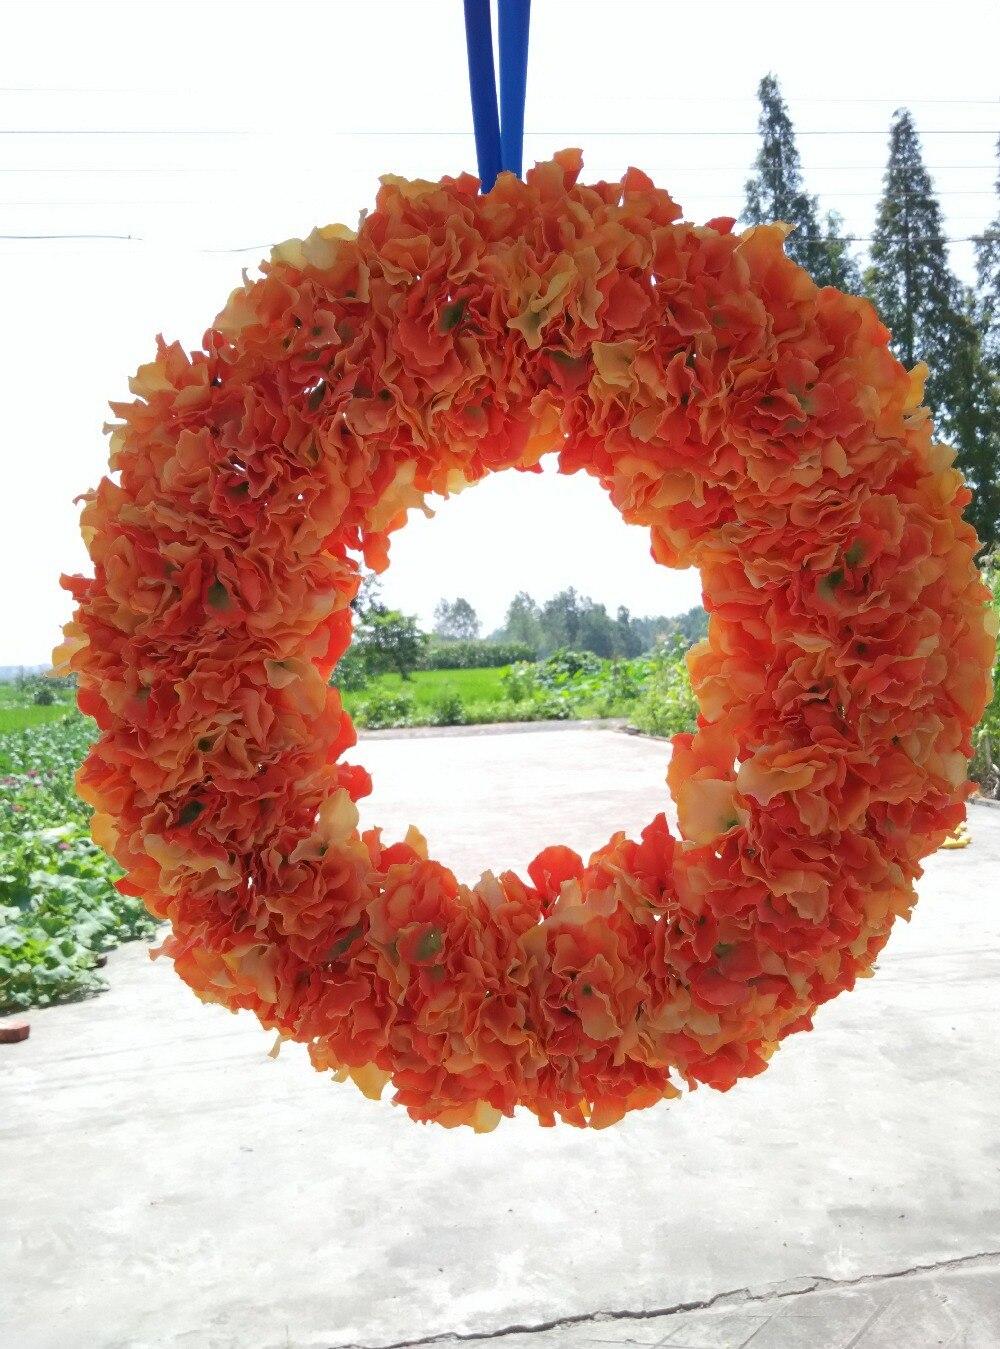 Wedding Decorative Flowers Wreaths 20 Inches Front Door Orange